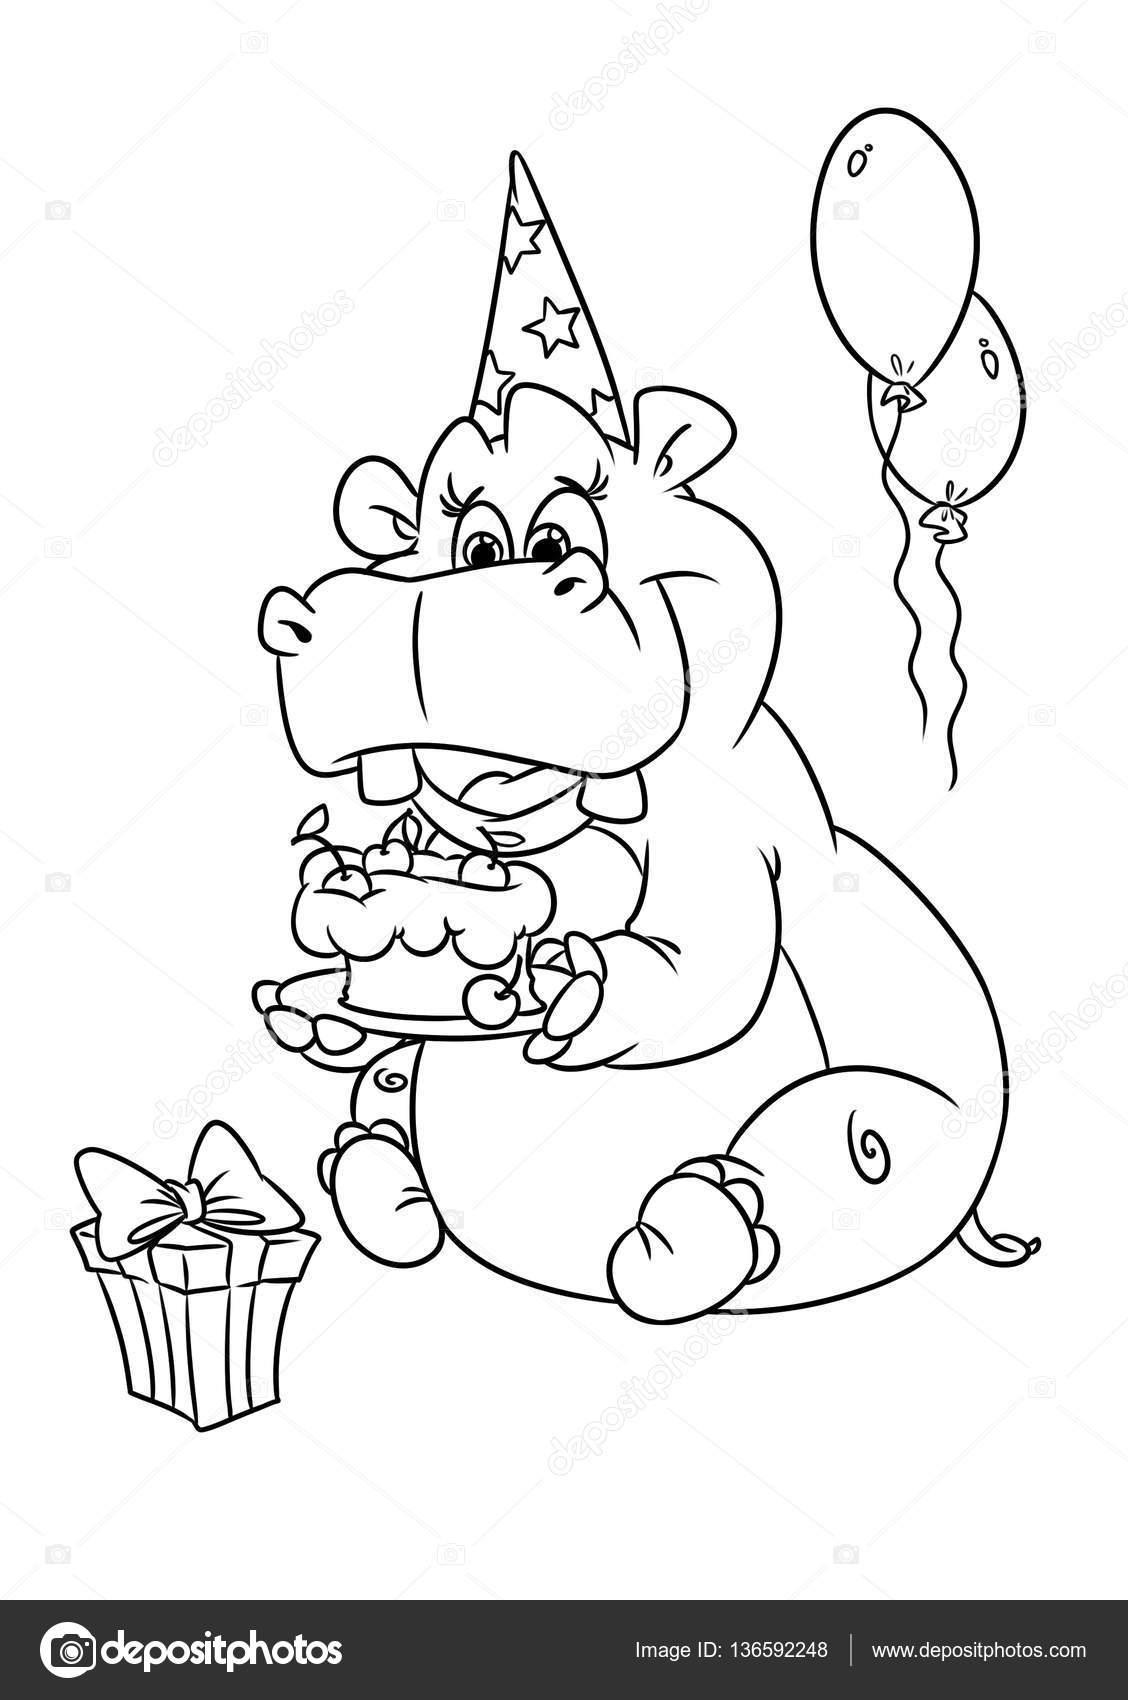 kleurplaat verjaardag baby